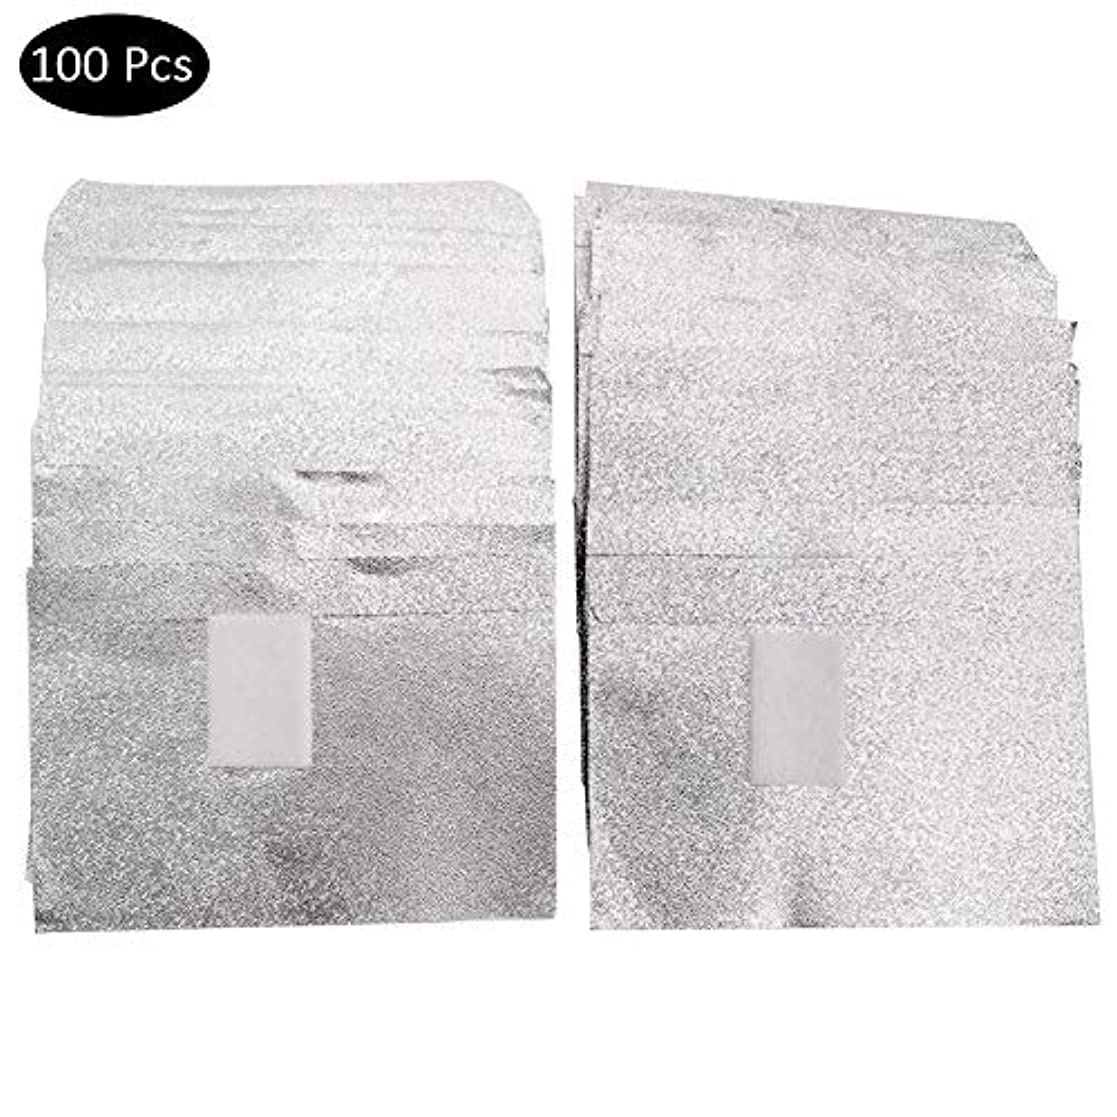 酔う砂下手SILUN ネイルリムーバー錫箔ネイルポリッシュットン付きアルミホイル ジェル除却 使い捨て 爪マニキュア用品100枚入り使い捨て コットン付きアルミホイル ネイル用品 マニキュア用品